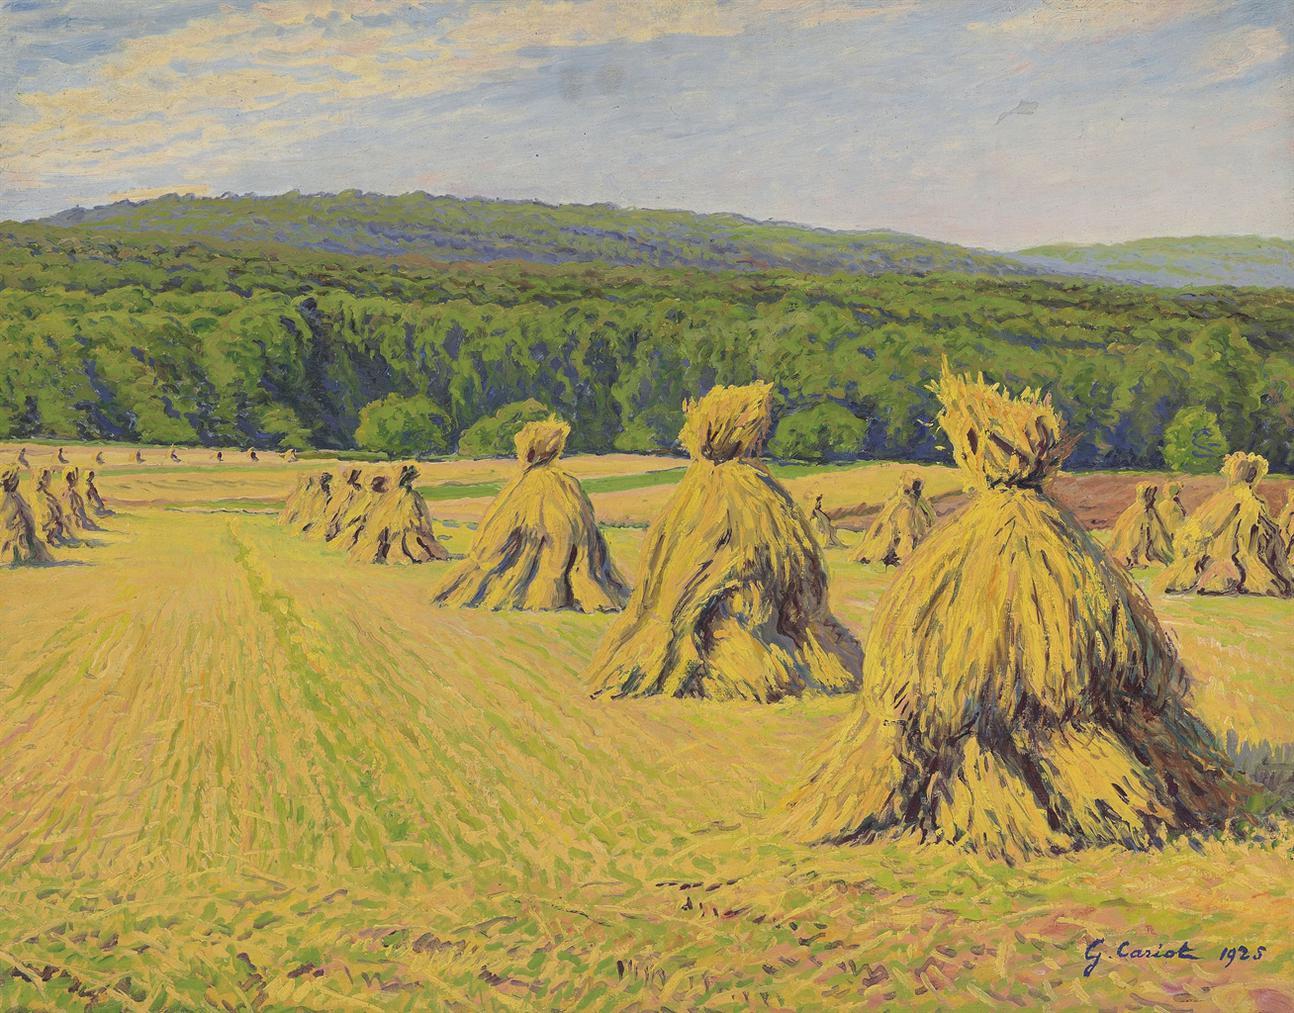 Gustave Cariot-Paysage Aux Bottes-1925